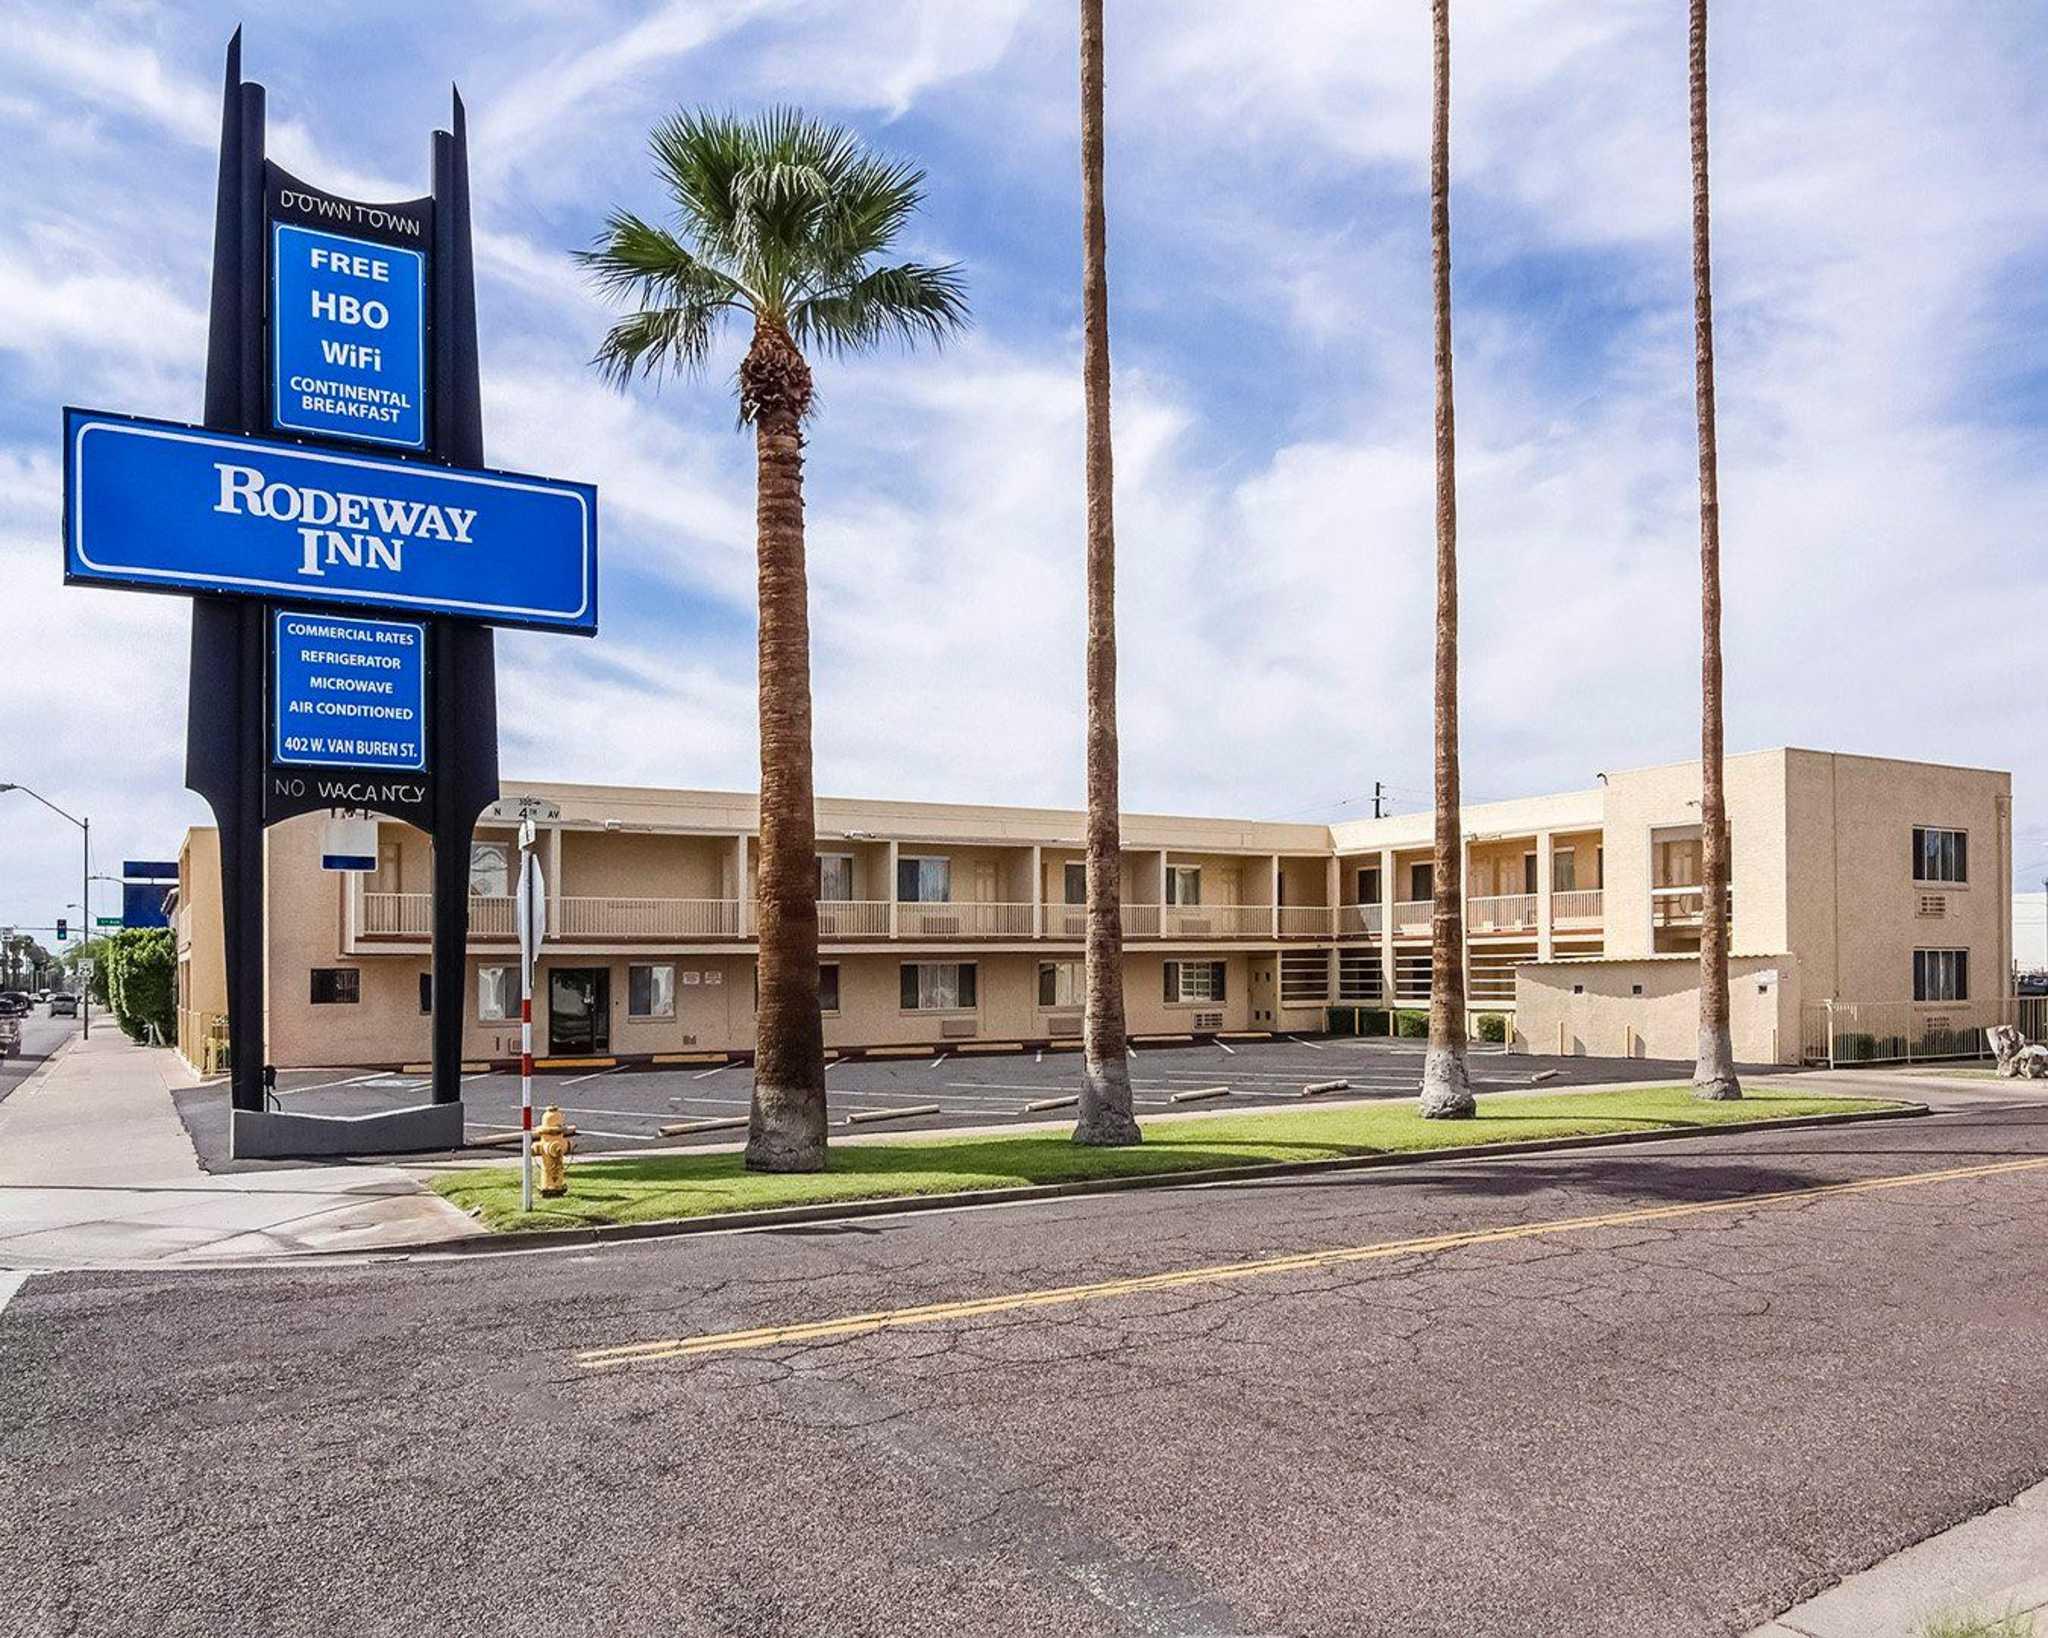 Rodeway Inn Downtown Phoenix image 2